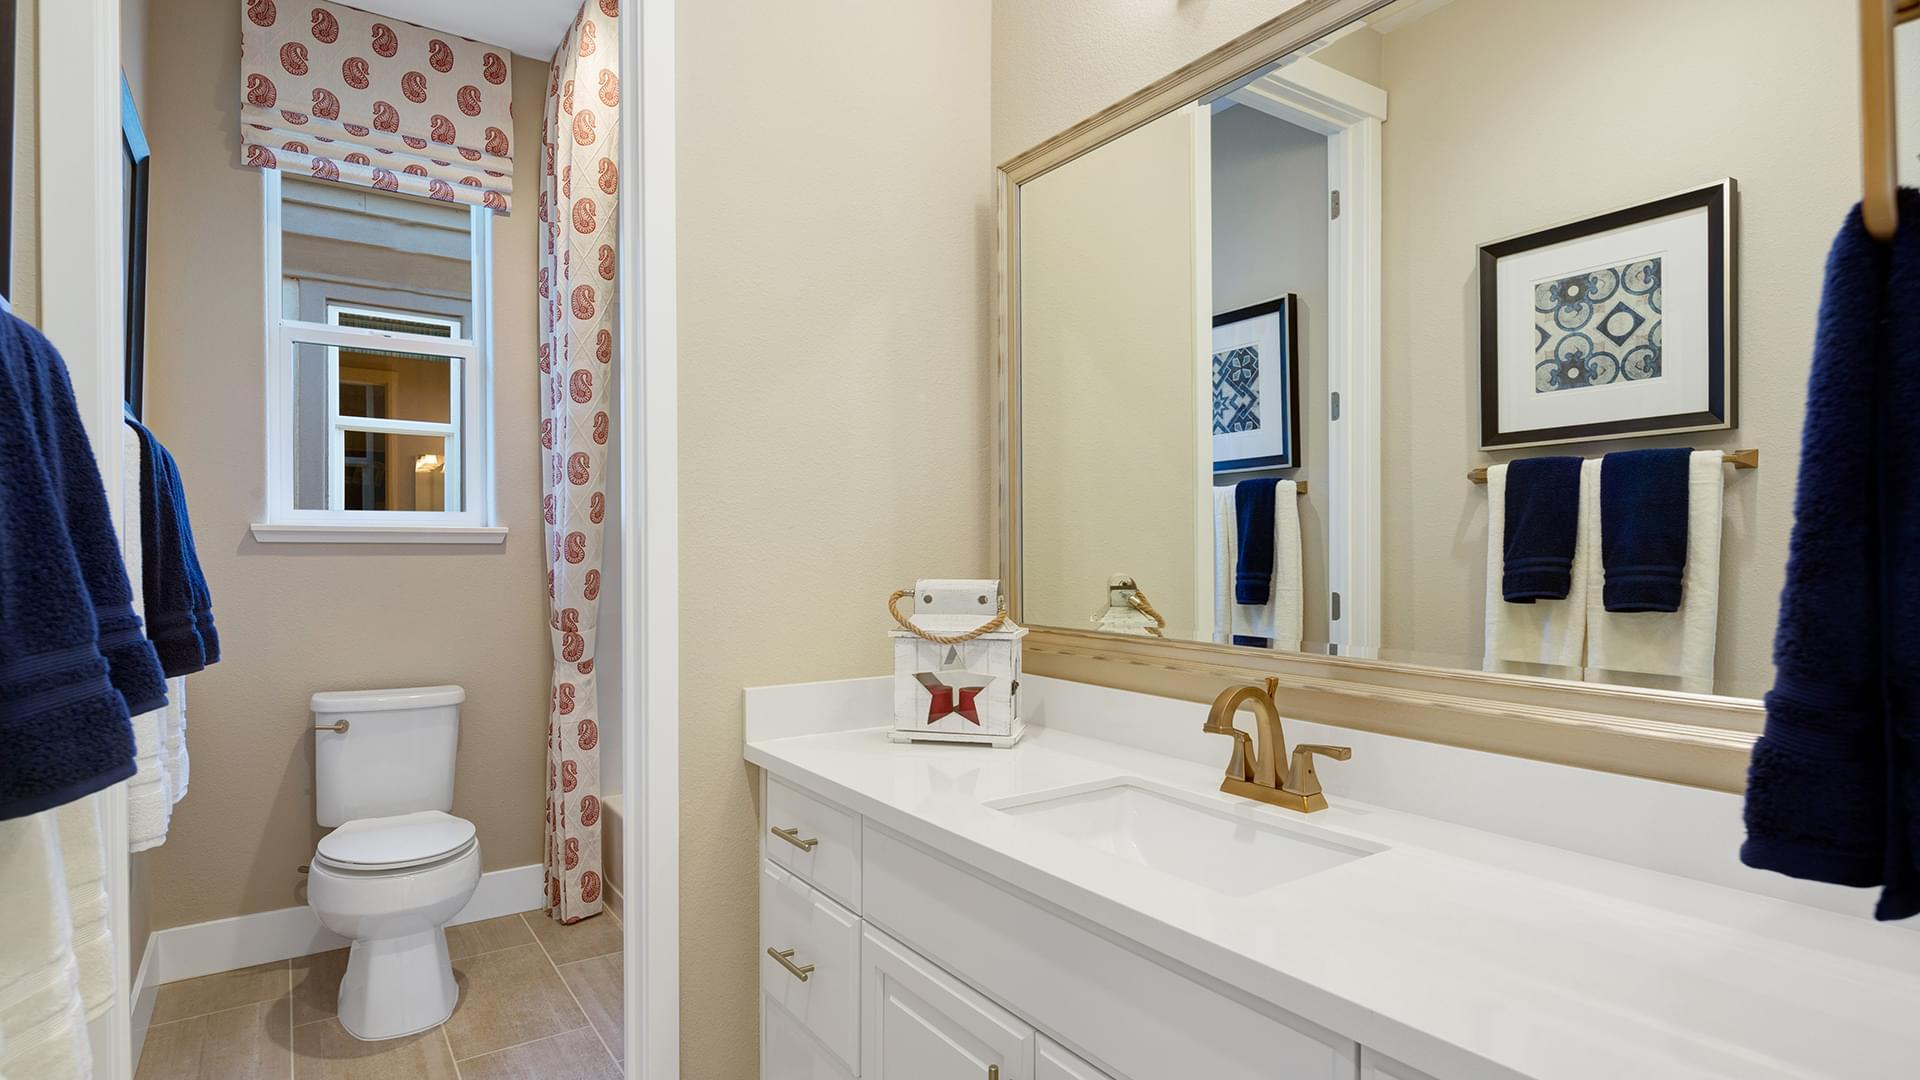 Residence 1A Bath 2